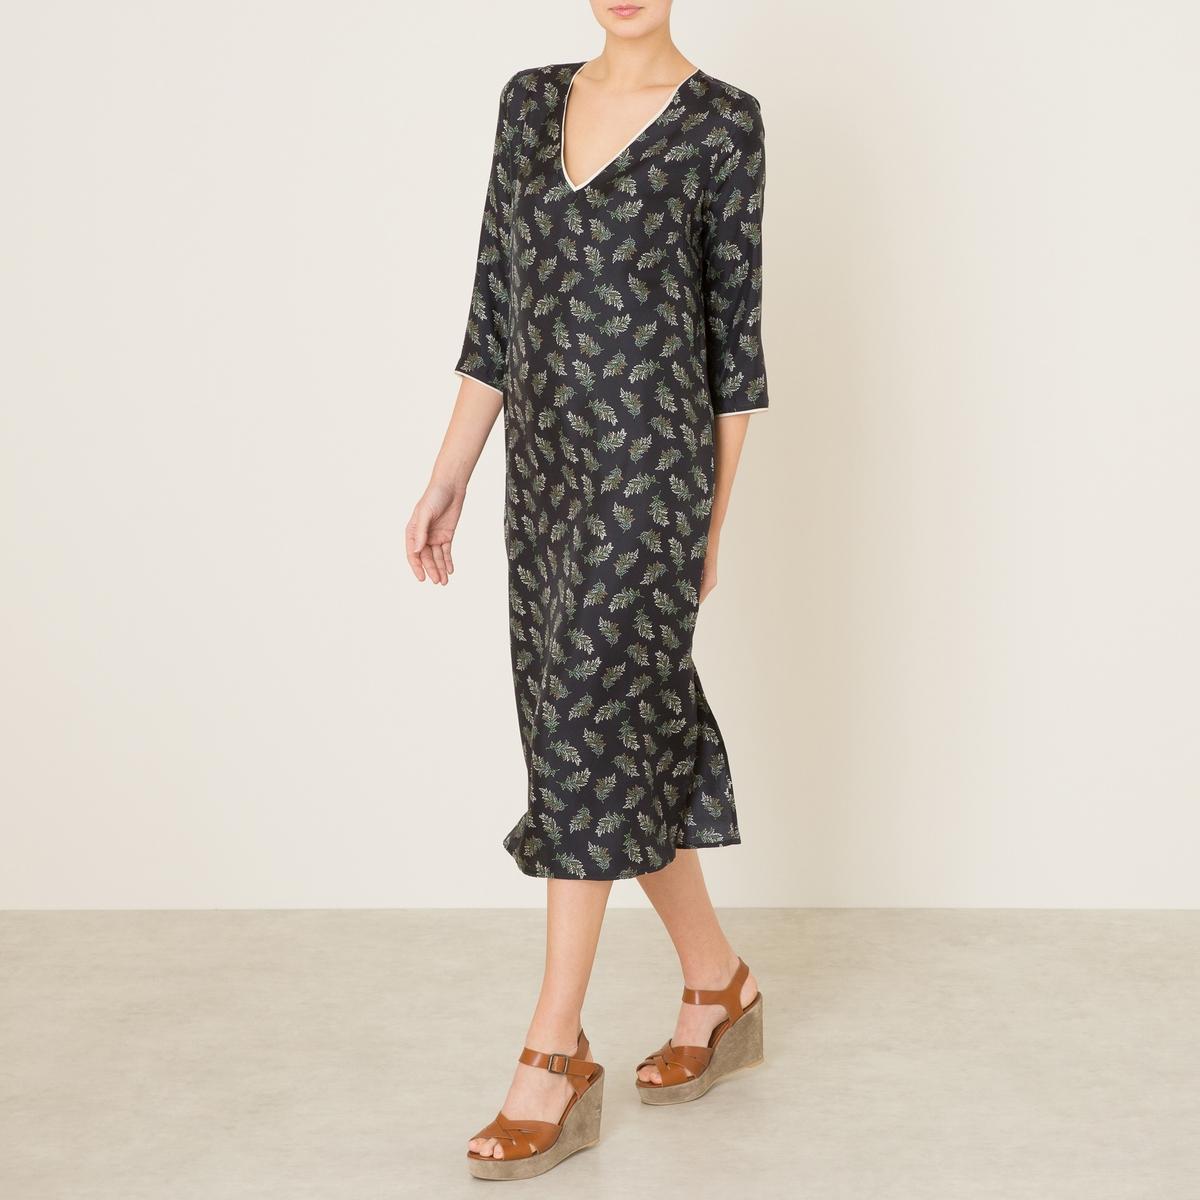 Платье BIGNEПлатье средней длины MOMONI - модель BIGNE из 100% шелка со сплошным рисунком. Вырез-лодочка. Длинные прямые рукава с втачными манжетами . Отрезное по талии, встречные складки от пояса. Разрезы по бокам.Состав и описание    Материал : 100% вискоза   Марка : MOMONI<br><br>Цвет: рисунок черный